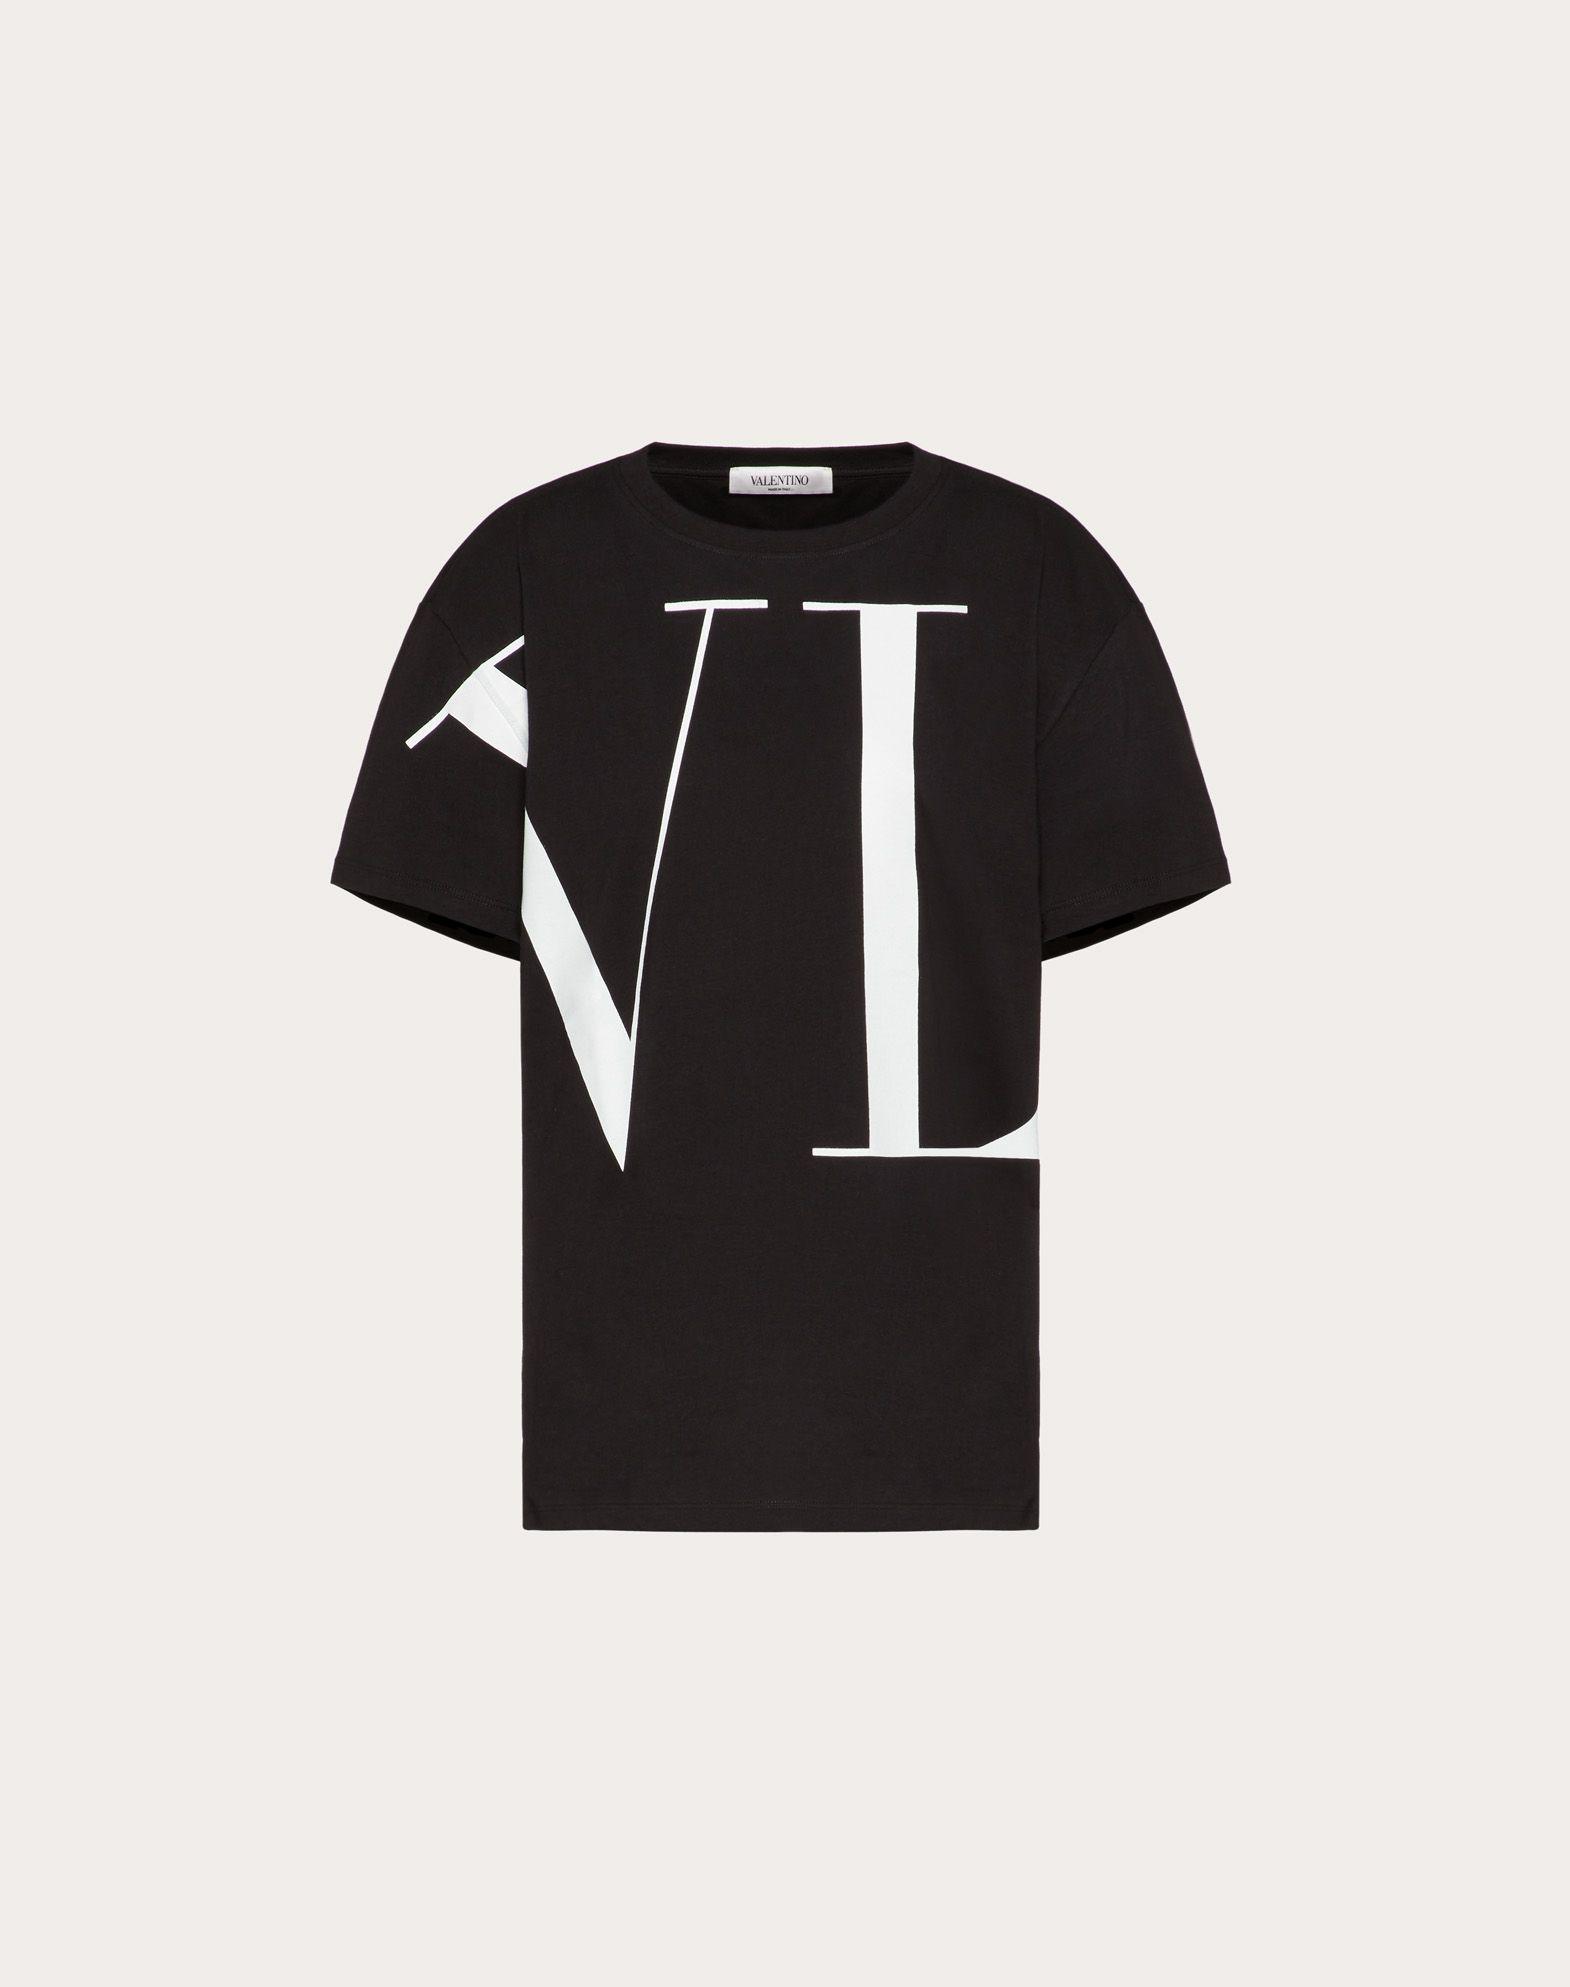 Maxi VLTN T-shirt